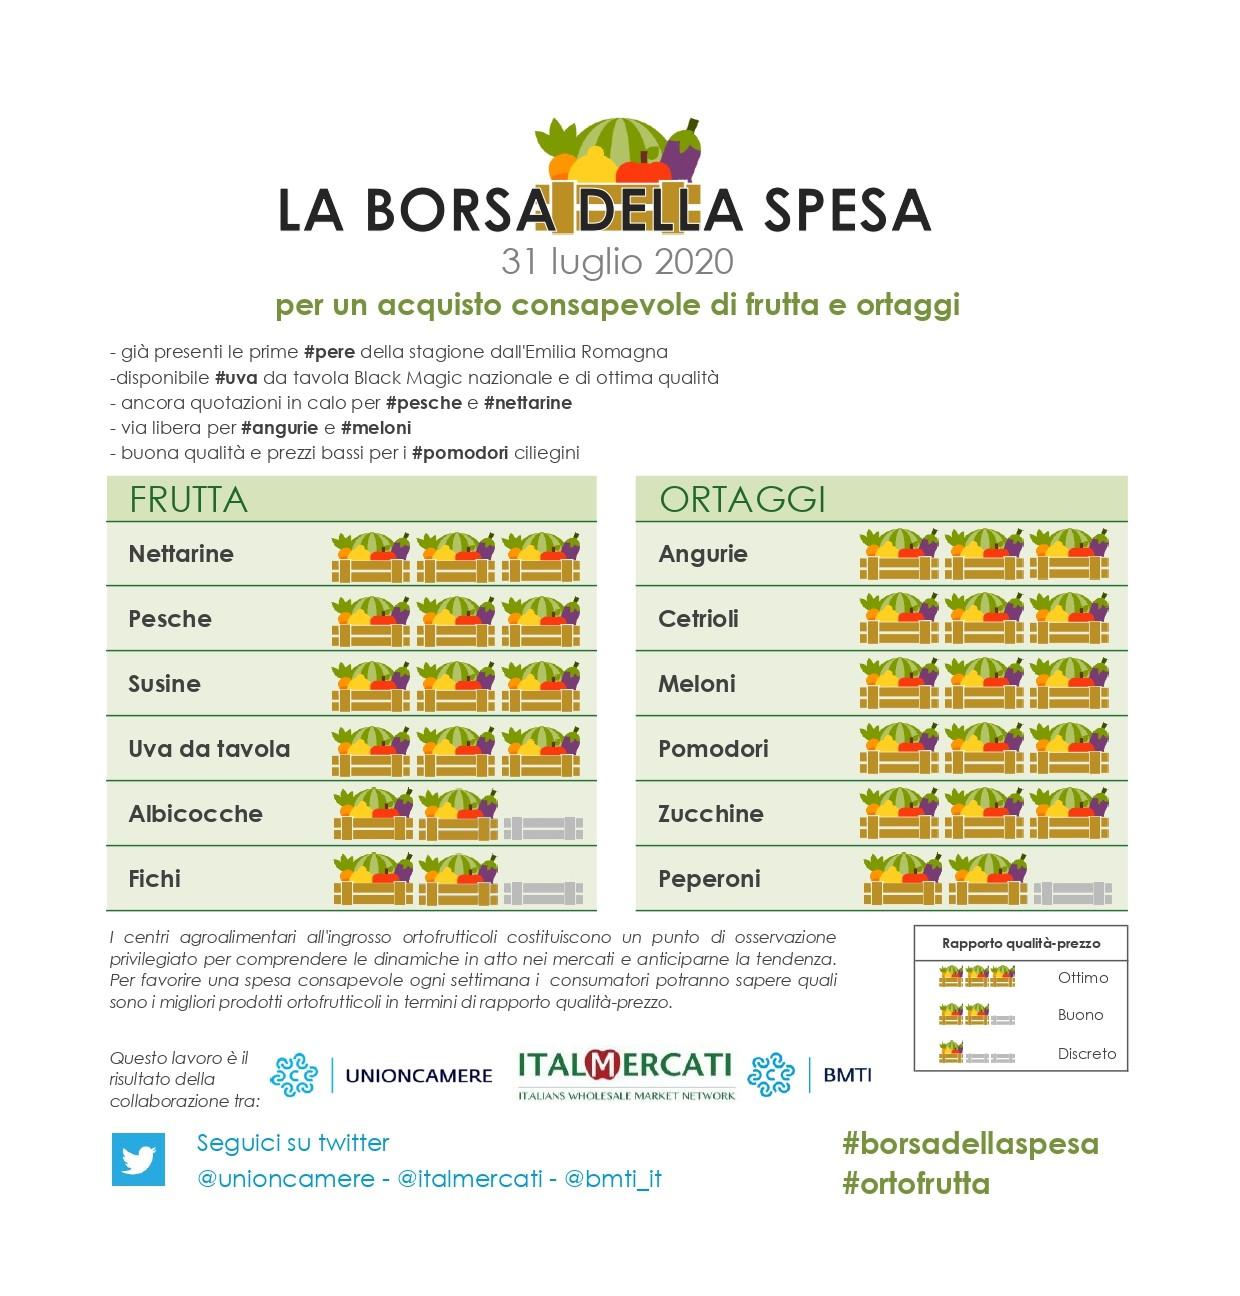 nella #borsadellaspesa di #ortofrutta di questa settimana 31 luglio: #angurie, #cetrioli, #meloni, #pomodori, #zucchine, #nettarine, #pesche, #susine e  #uva da tavola